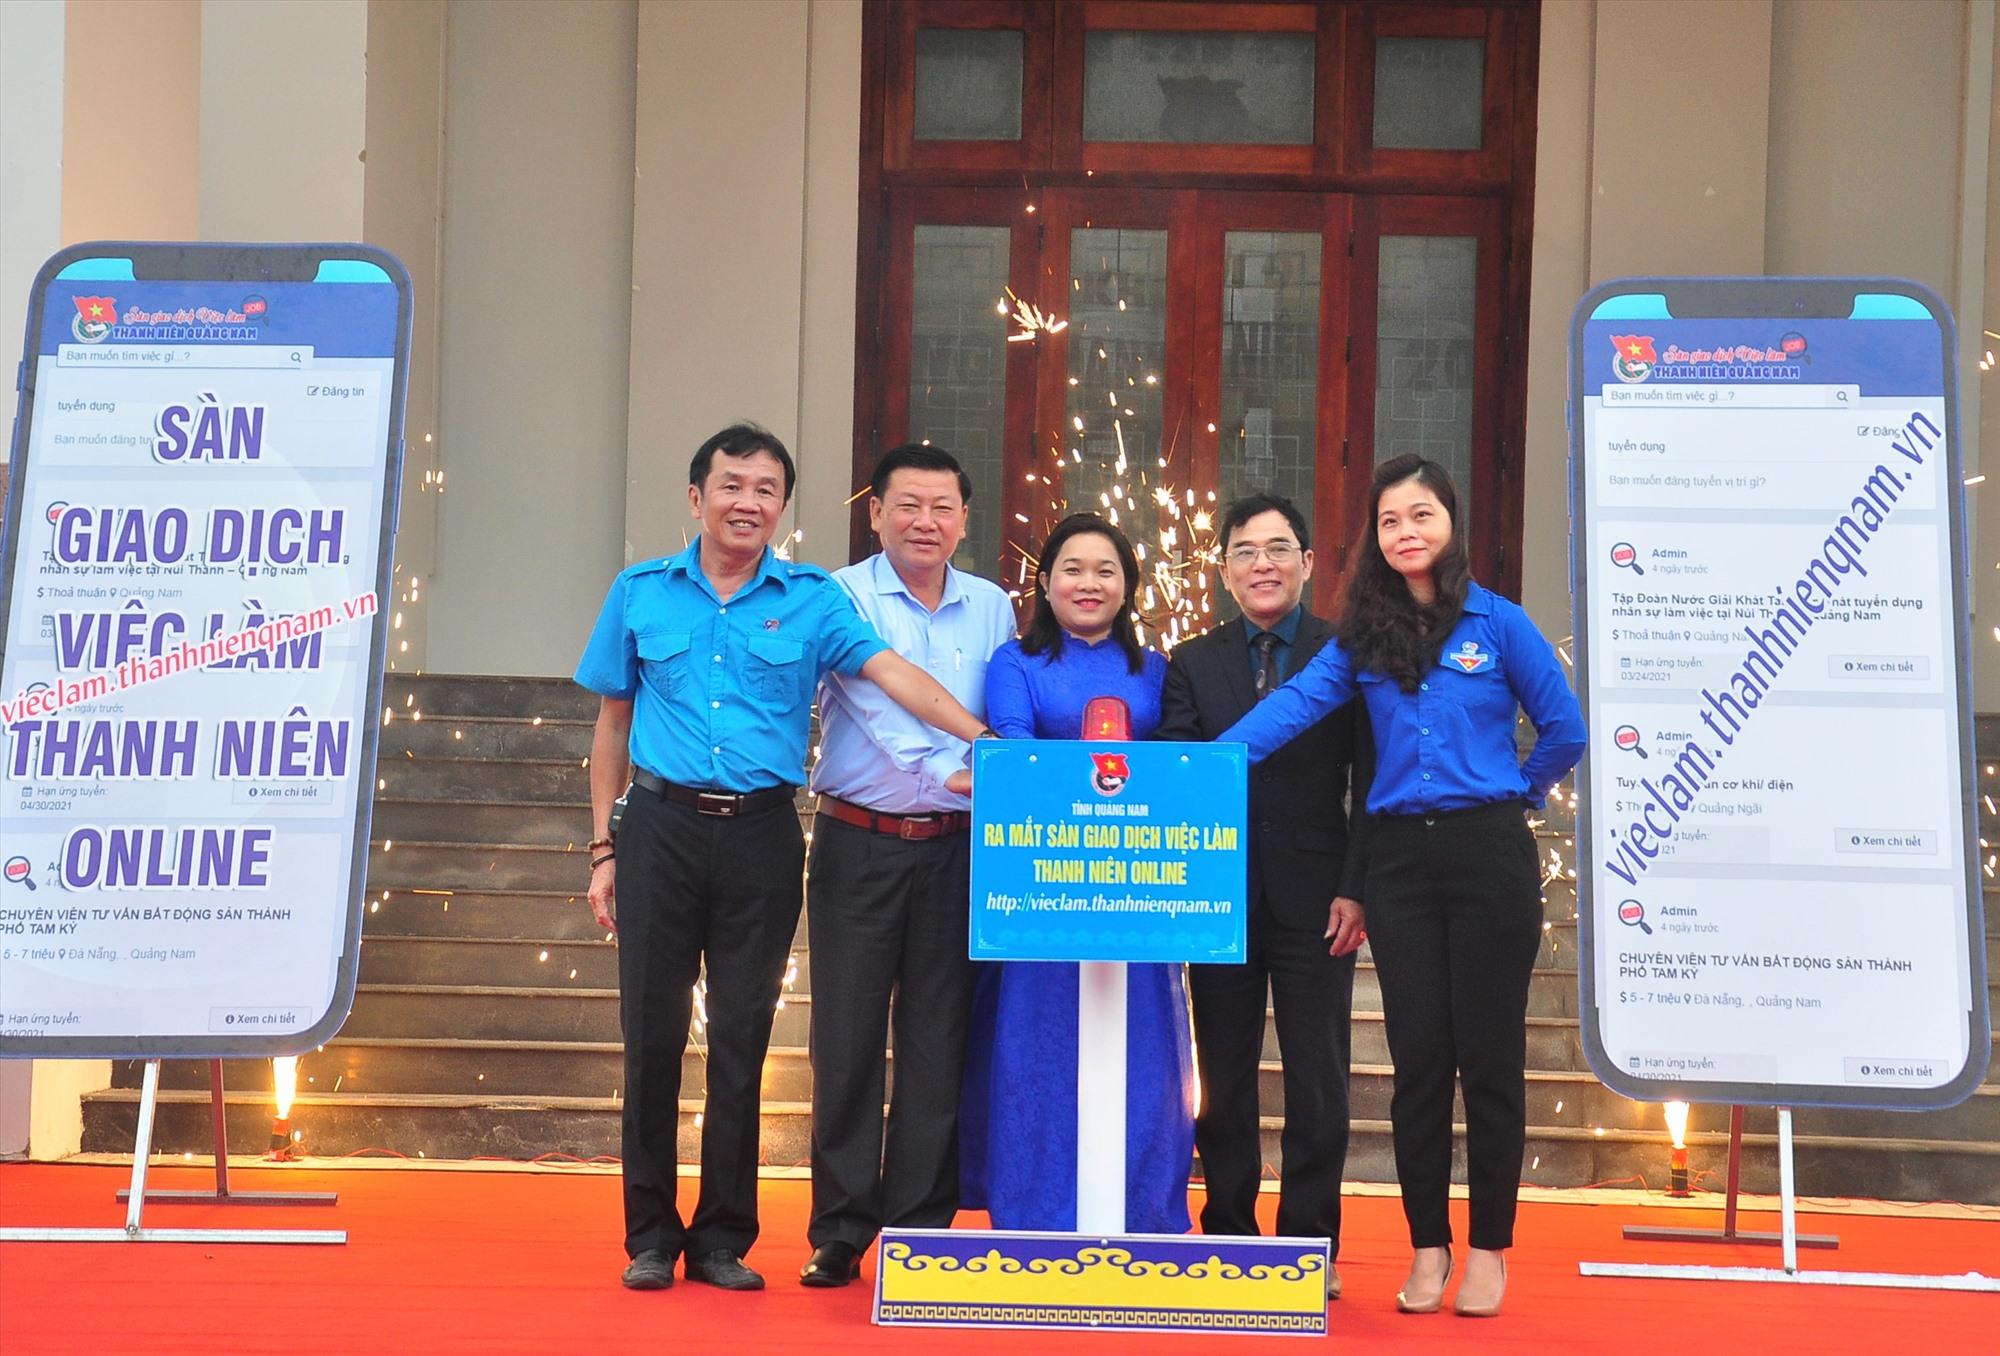 Các đại biểu thực hiện nghi thức khai trang Sàn giao dịch việc làm thanh niên Quảng Nam online. Ảnh: V.A